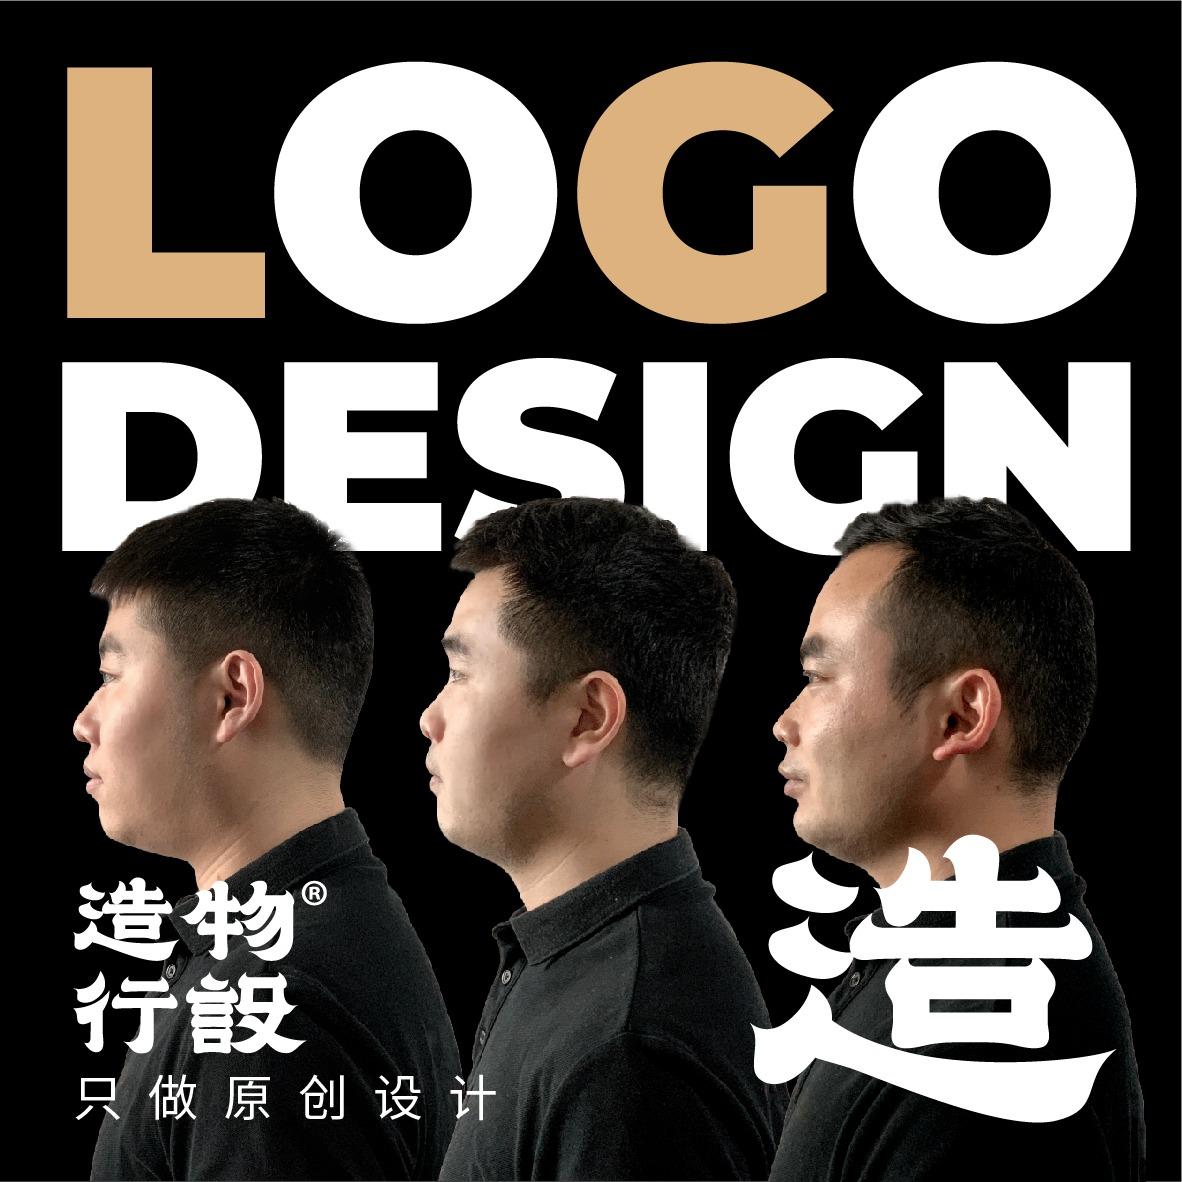 北京品牌 logo 设计图文字体标志商标企业公司 LOGO 图标VI